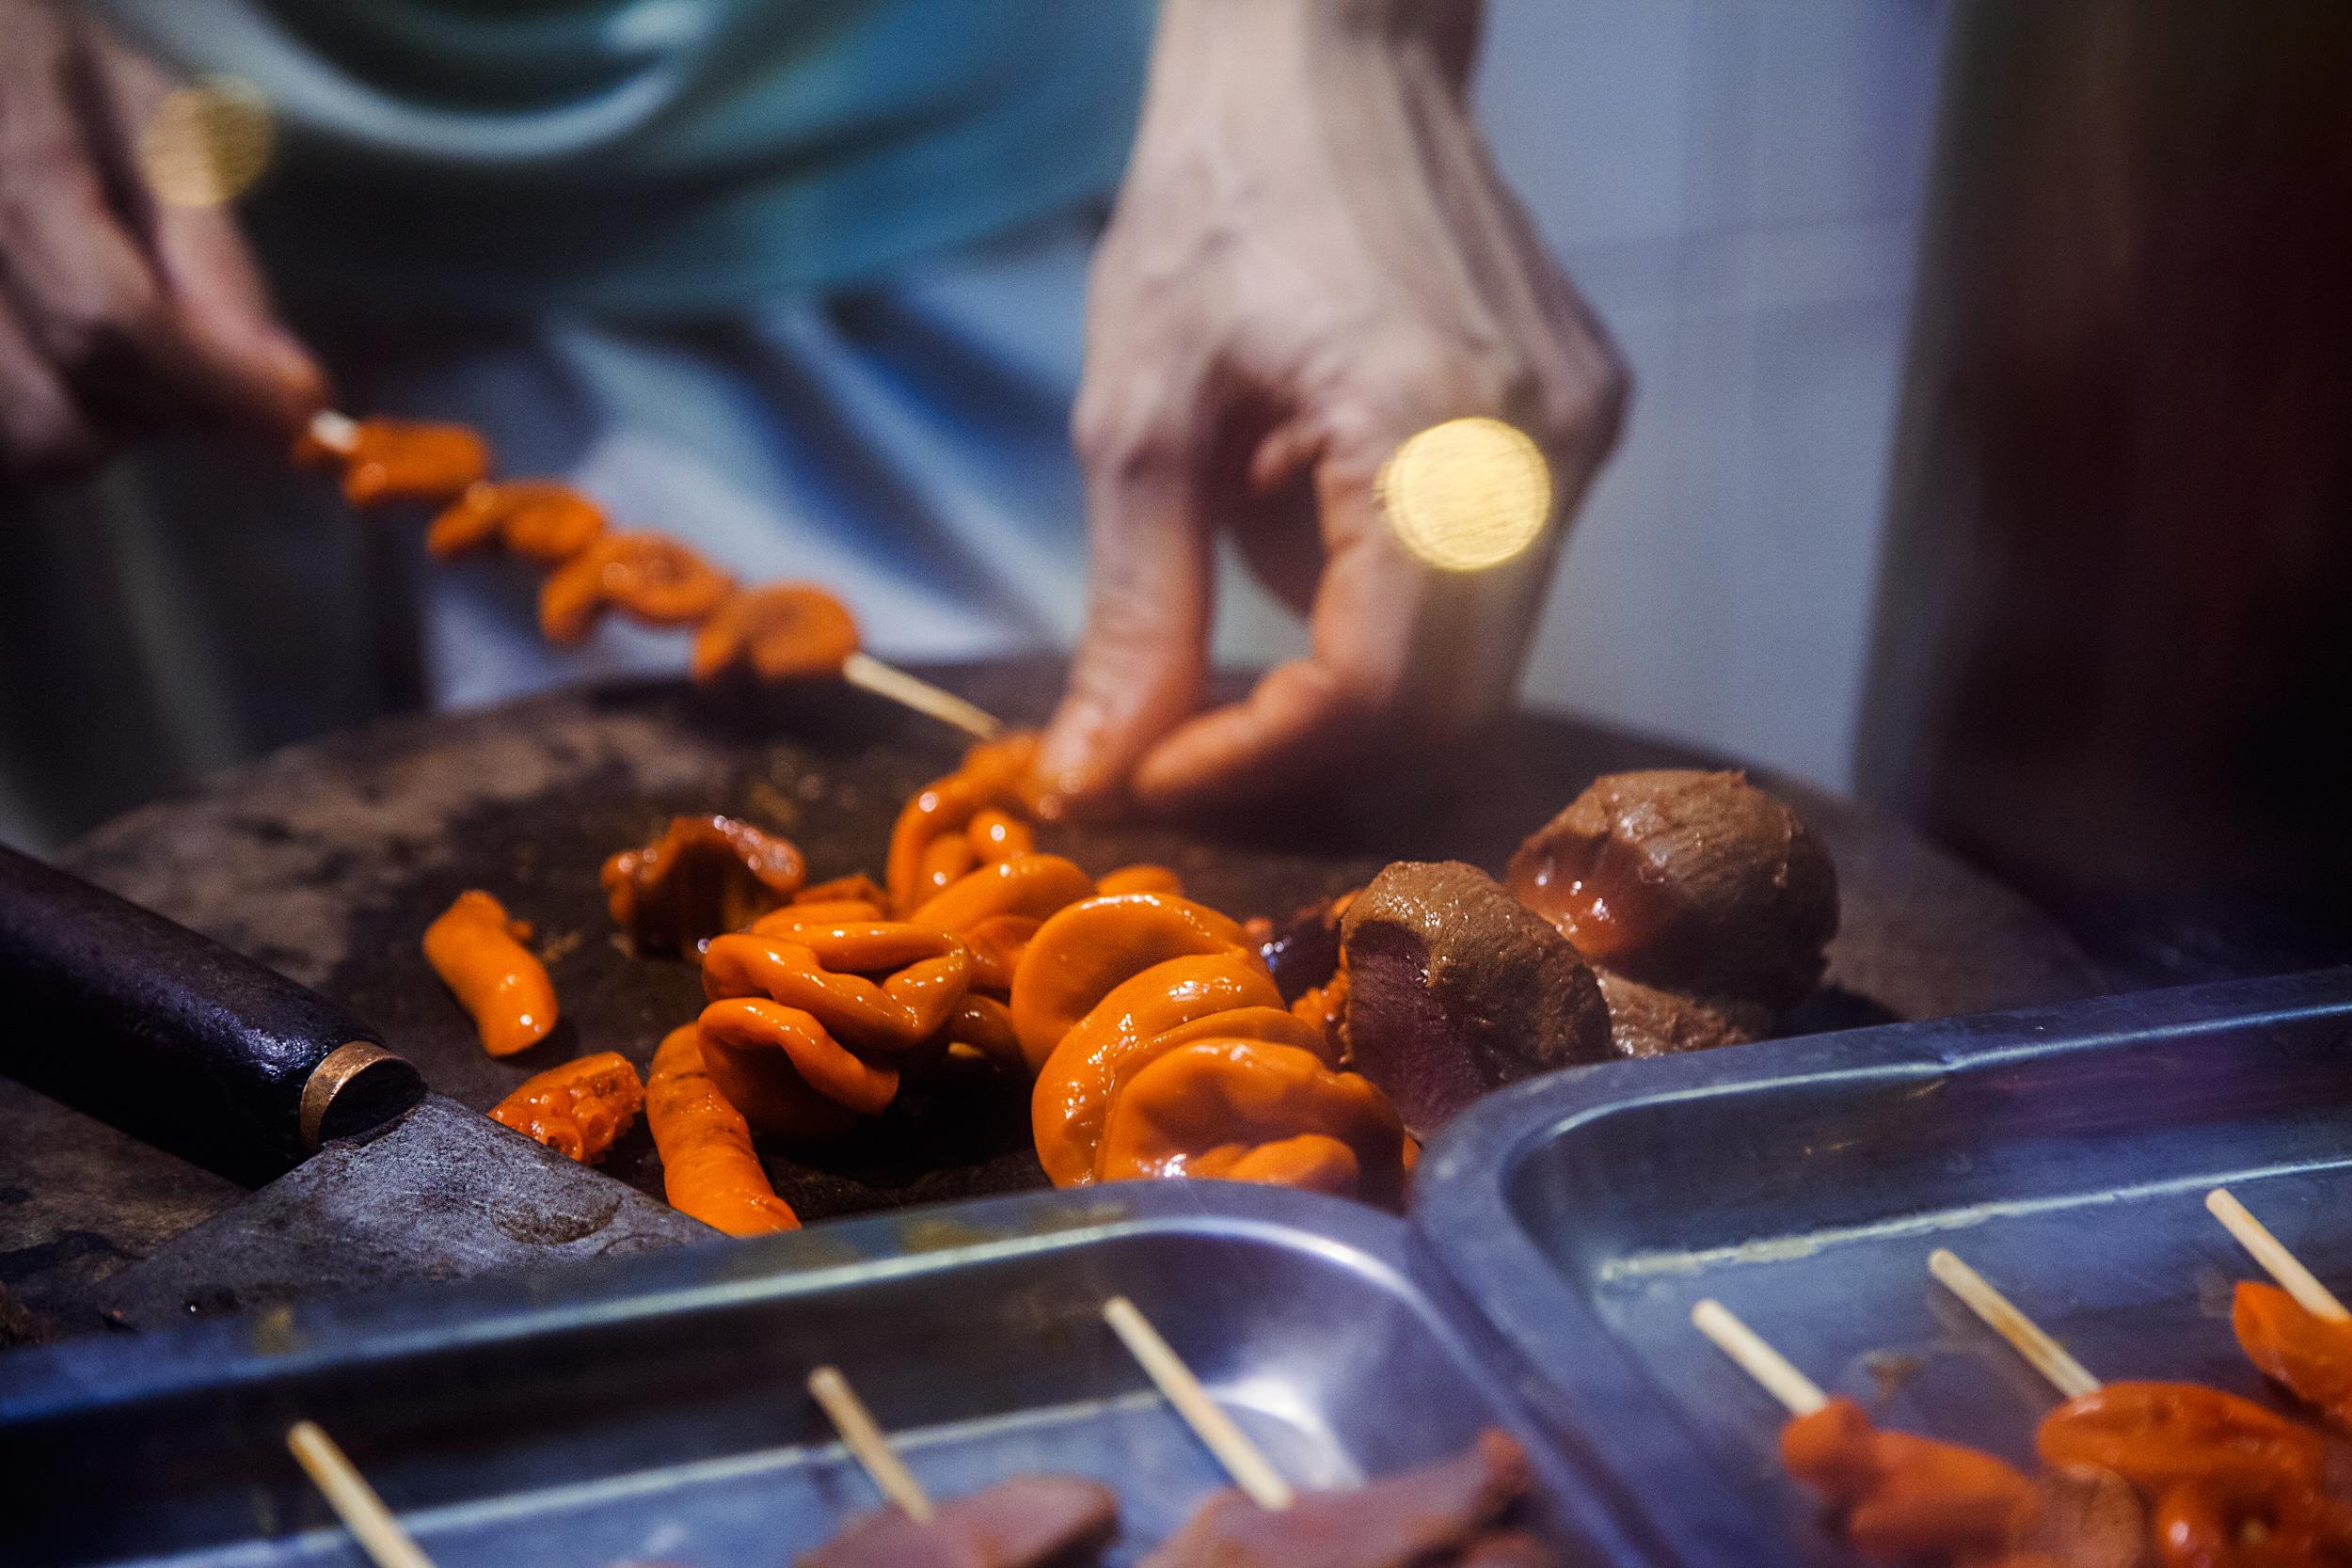 HK street food